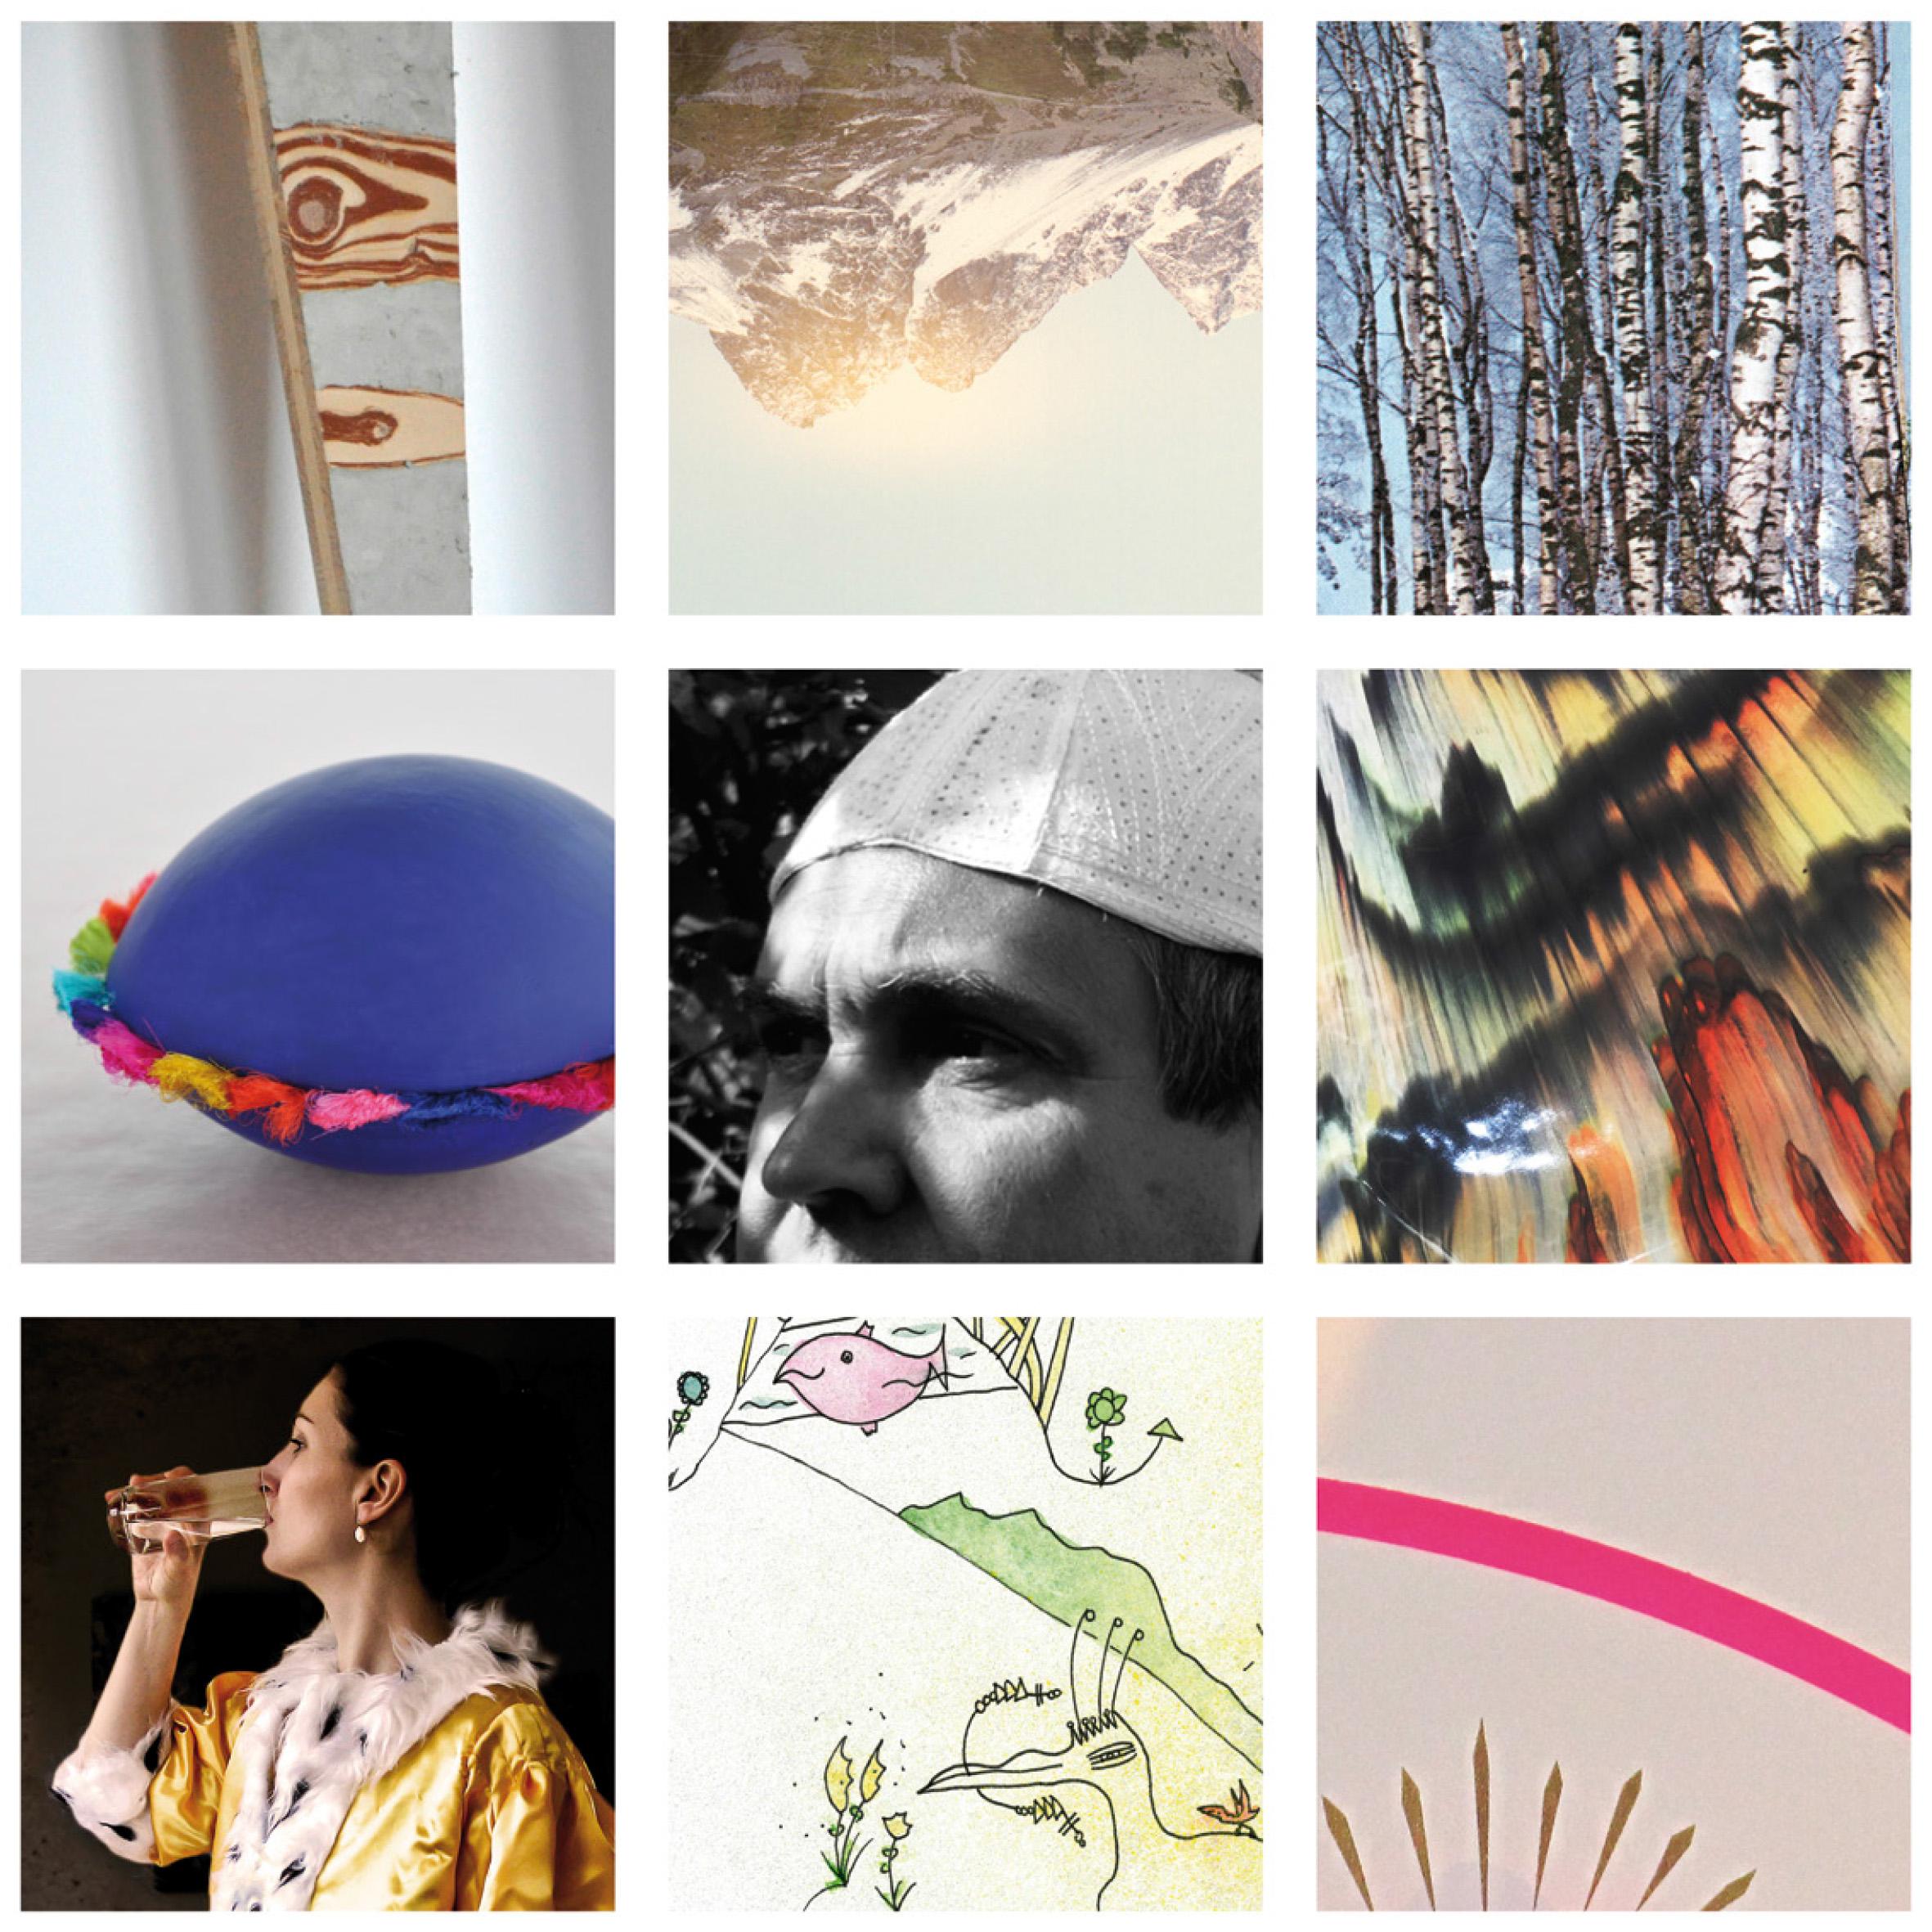 Verschiedene Bilder des Kunstforums.